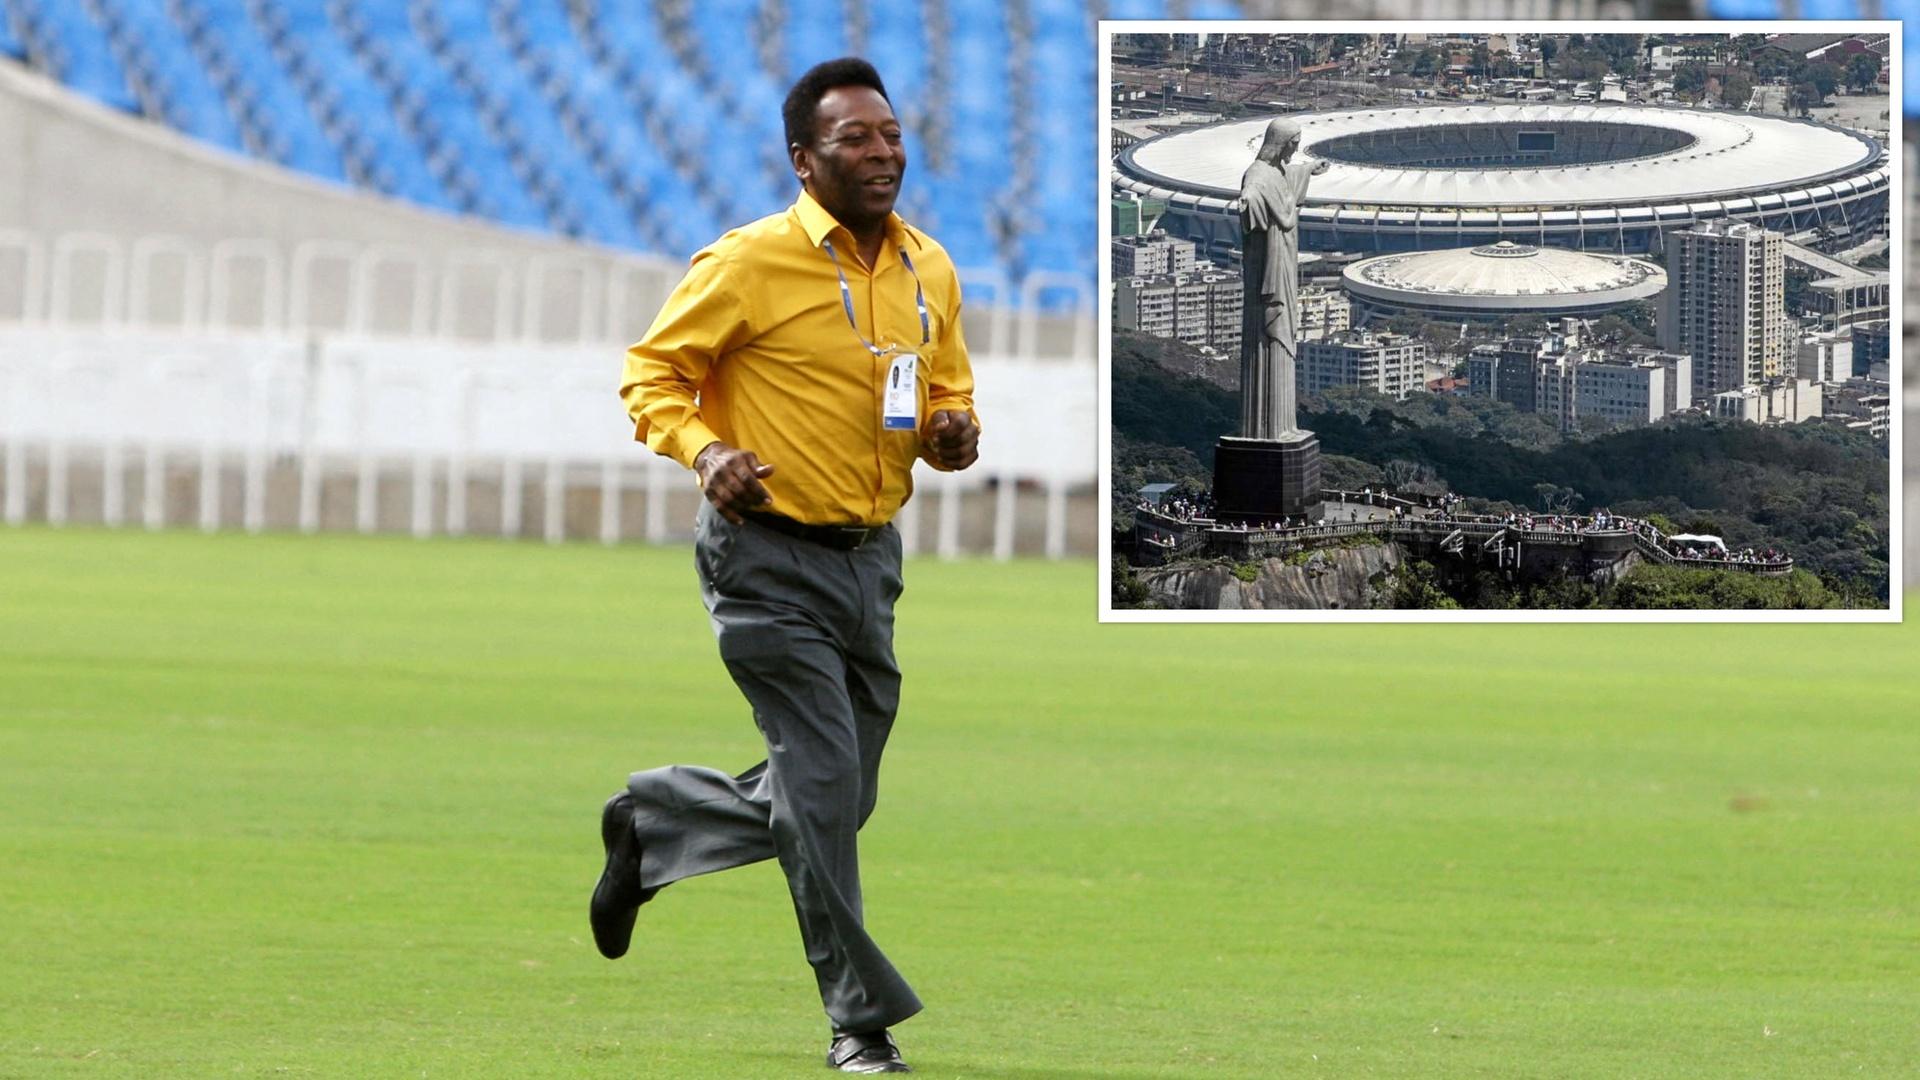 مشروع لإعادة تسمية أشهر ملعب في البرازيل تكريما لبيليه